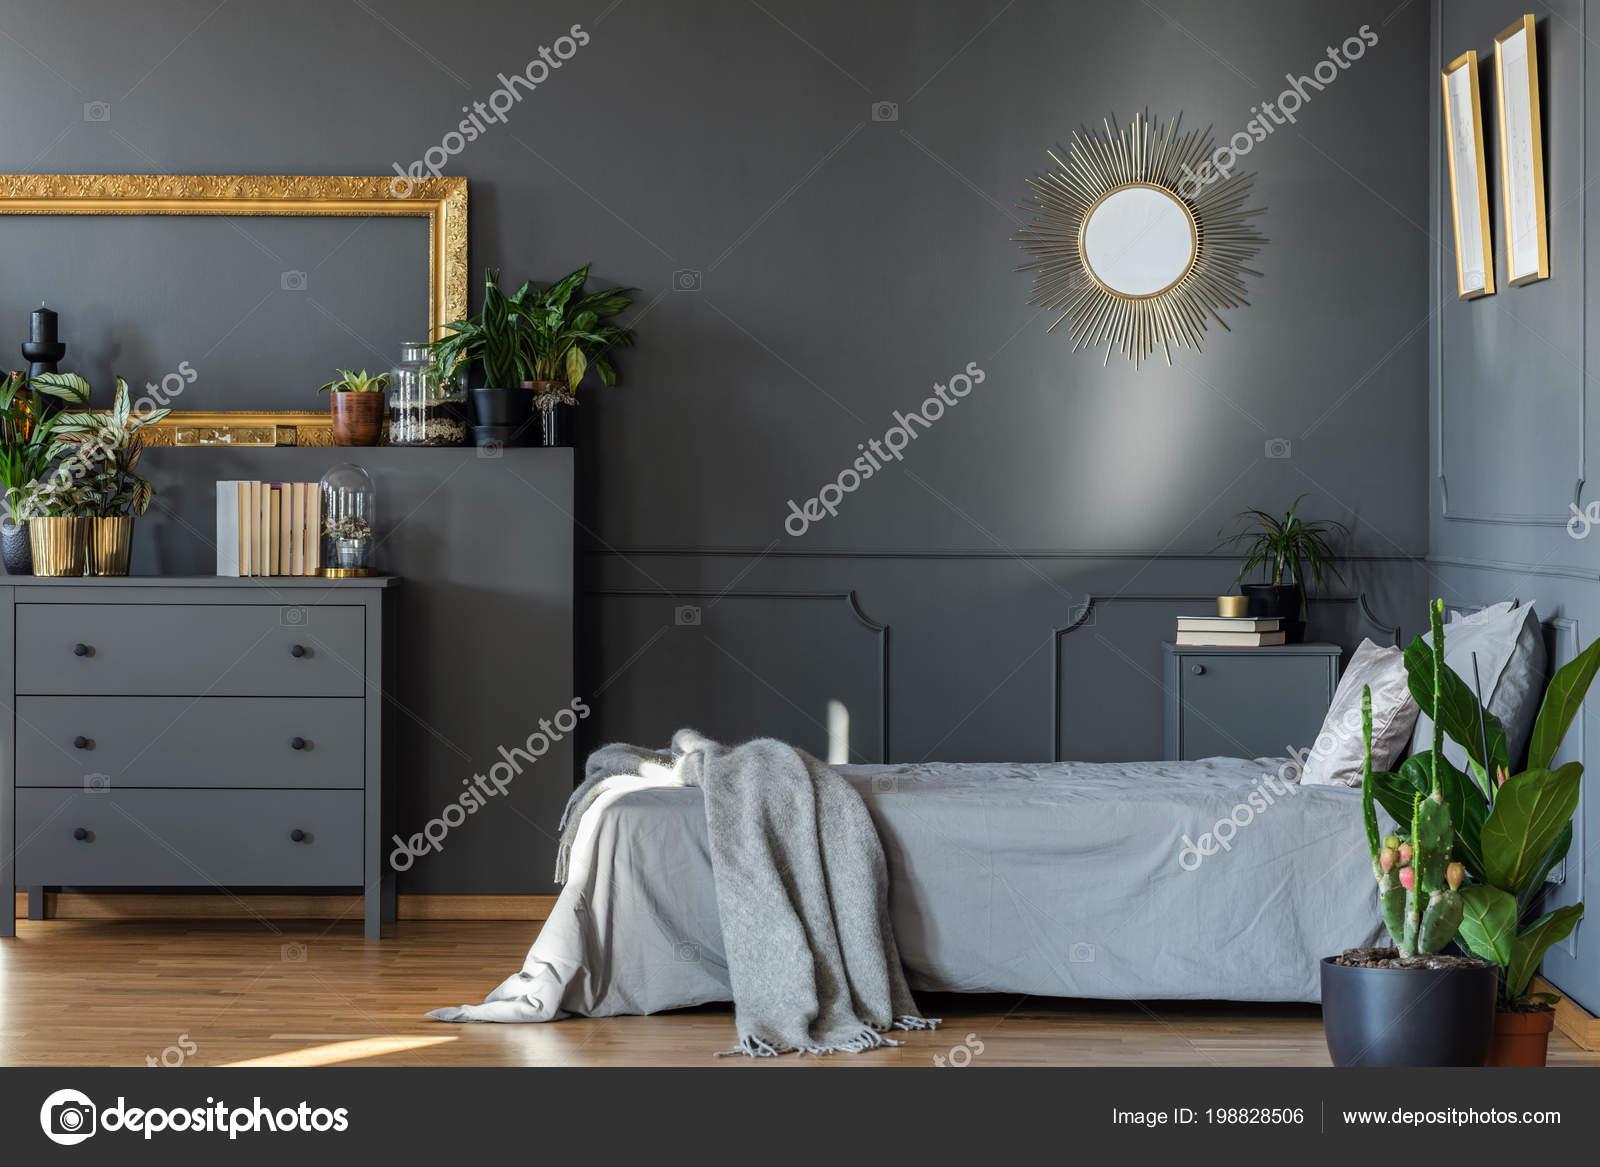 Decoratie Slaapkamer Muur : Decoratieve spiegel hangen aan muur donker grijs slaapkamer